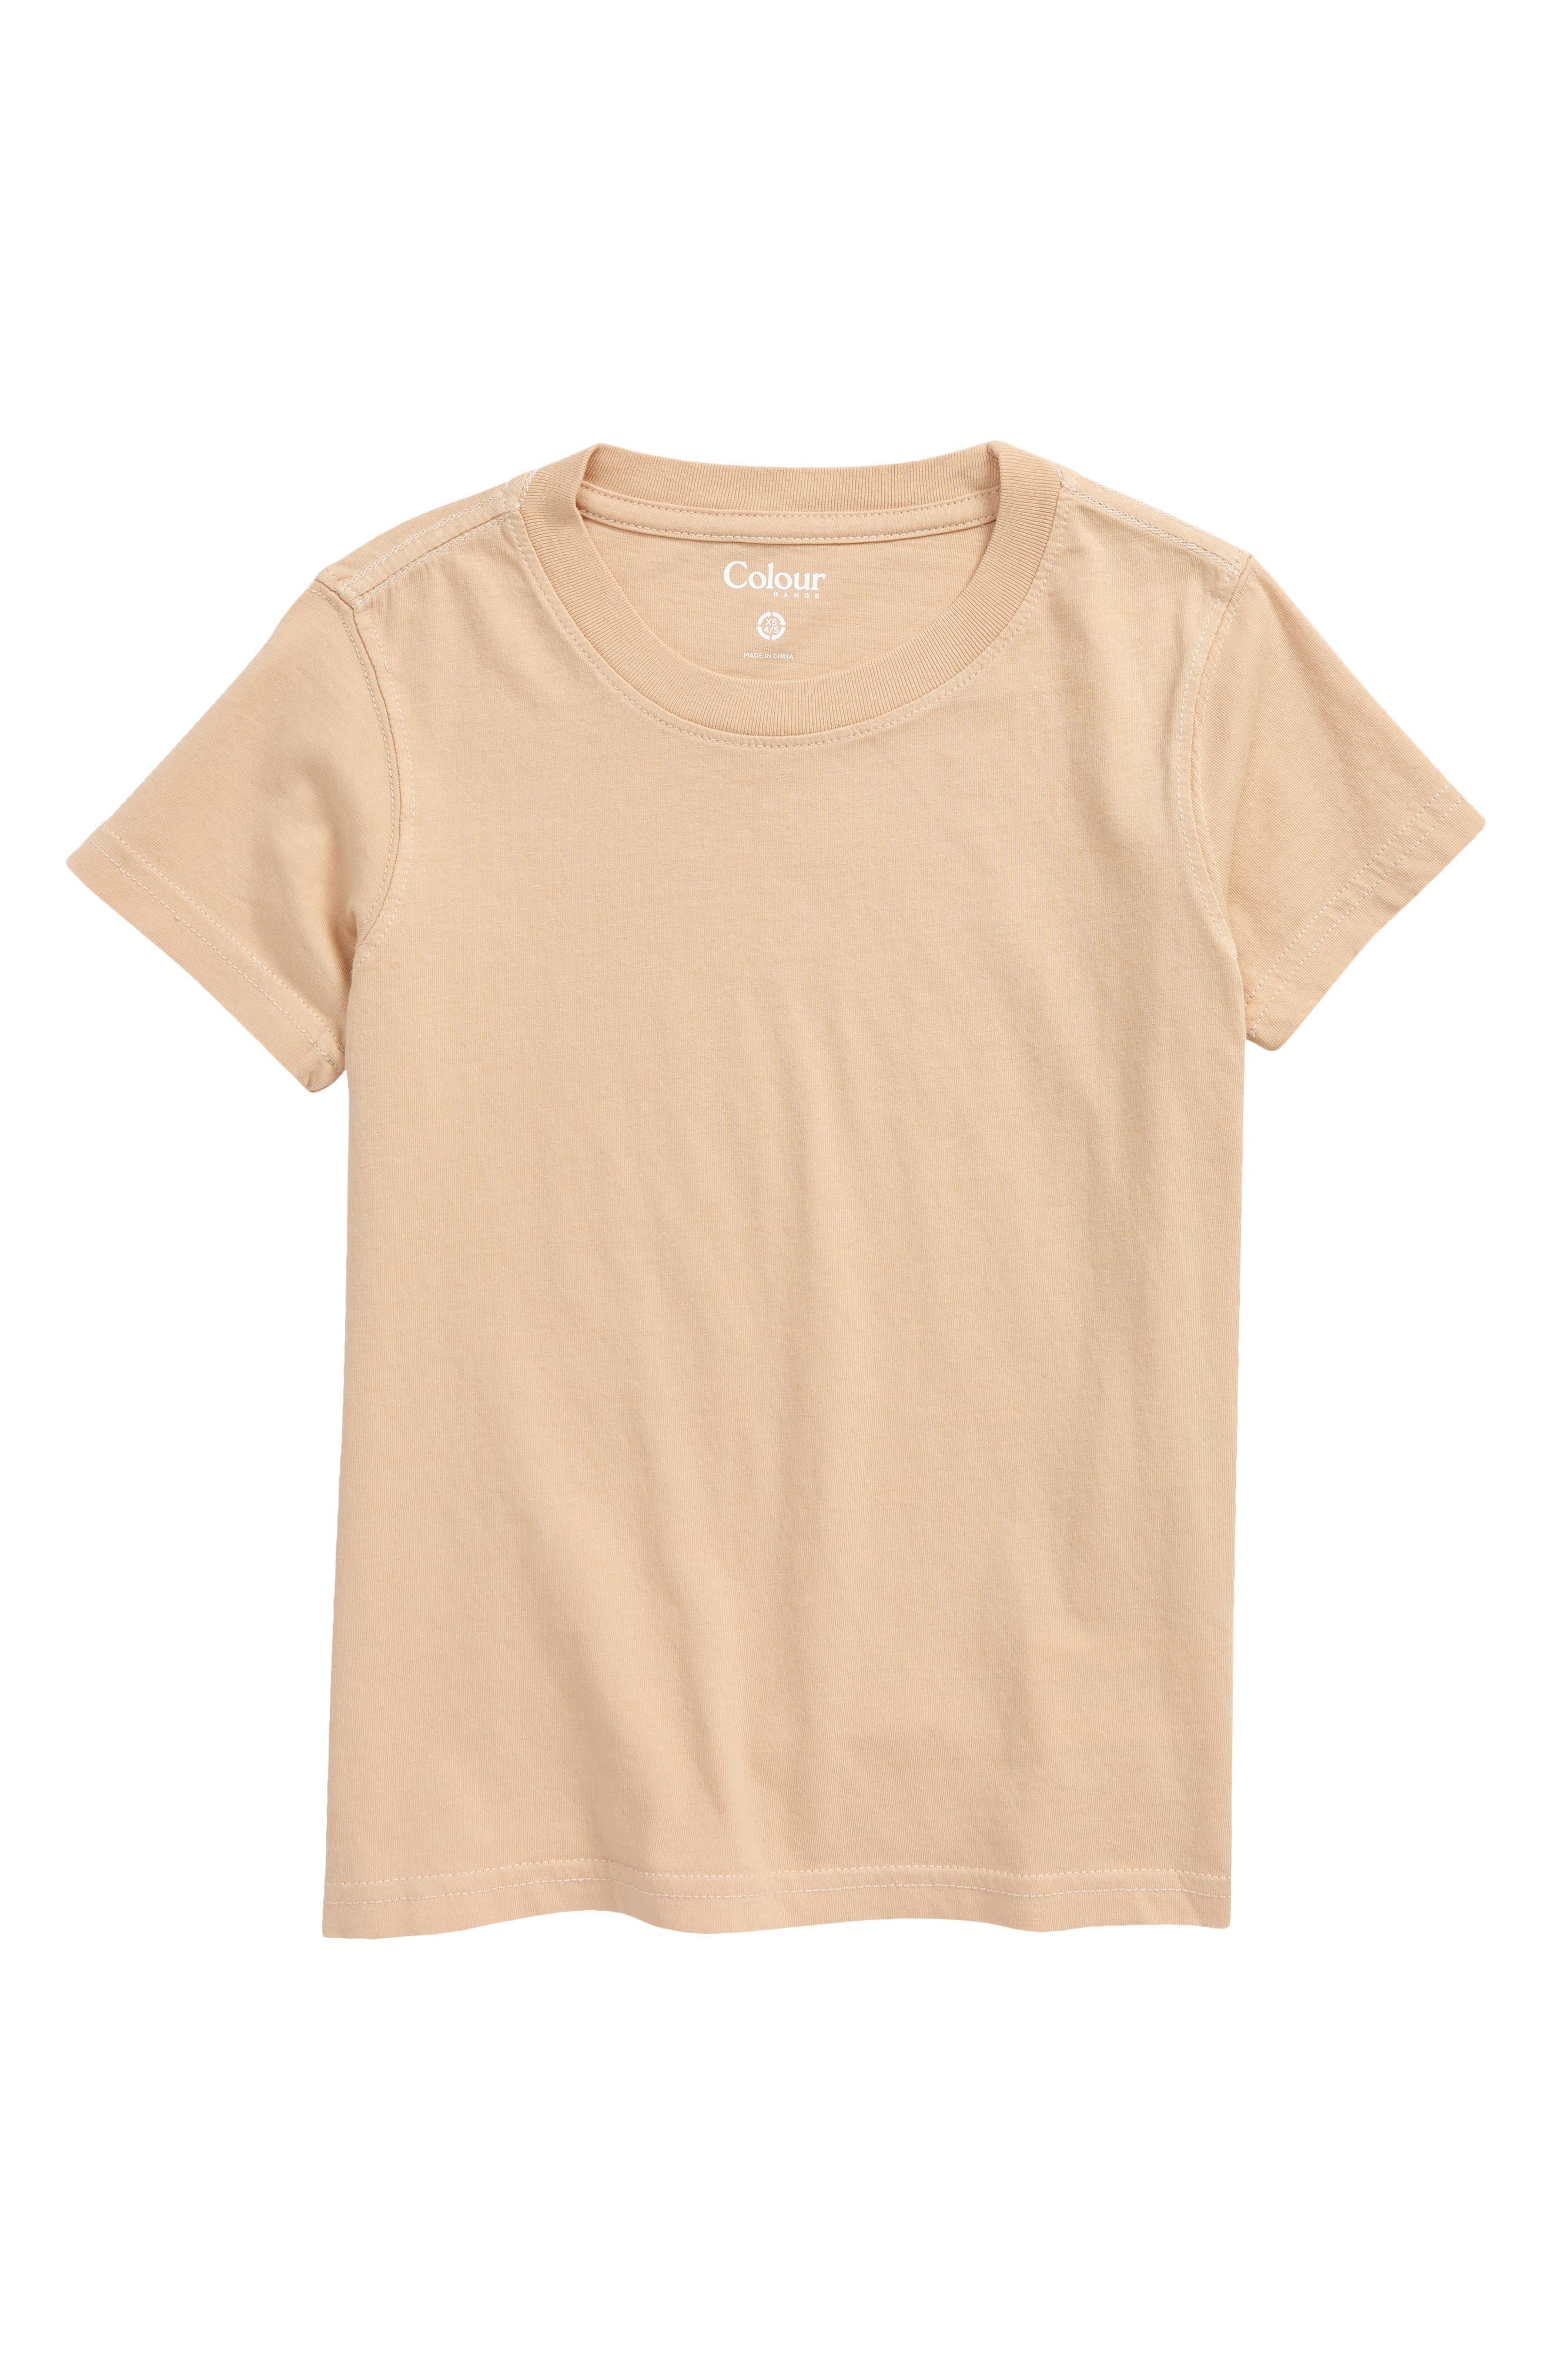 Kids' Crewneck T-Shirt